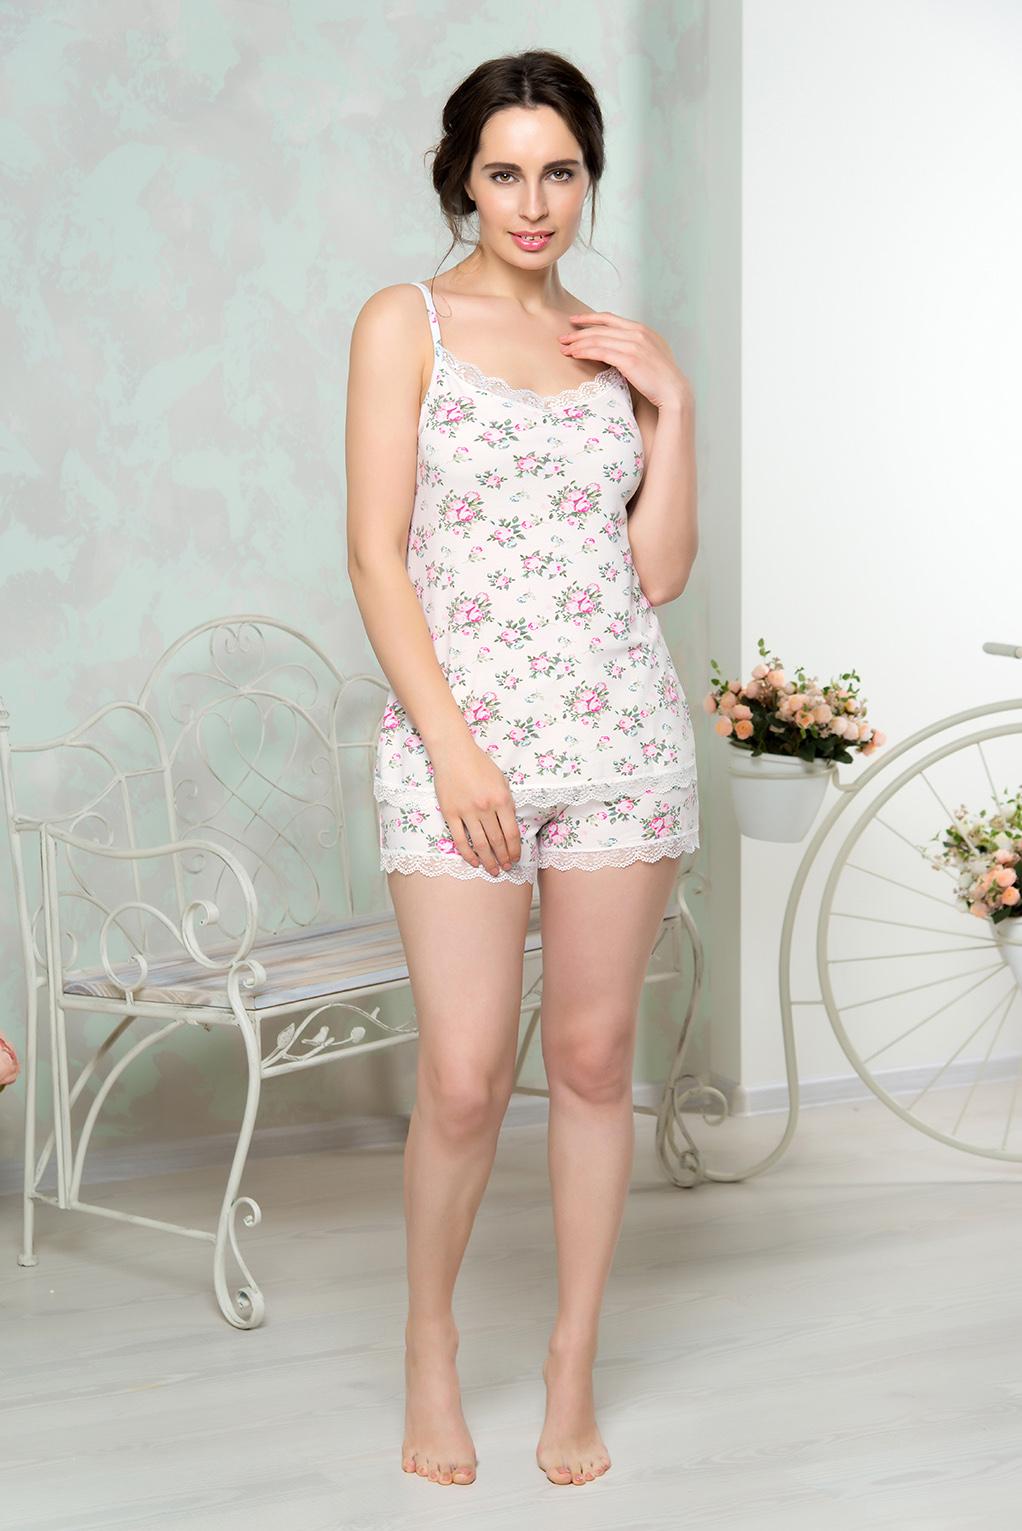 Пижама женская Mia Cara: майка, шорты, цвет: молочный. AW16-MCUZ-844. Размер 42/44AW16-MCUZ-844Пижама женская Mia Cara состоит из майки и шорт. Модель выполнена из высококачественного хлопка с добавлением эластана. Длину лямок на майке можно регулировать. Края майки и шорт отделаны кружевом.